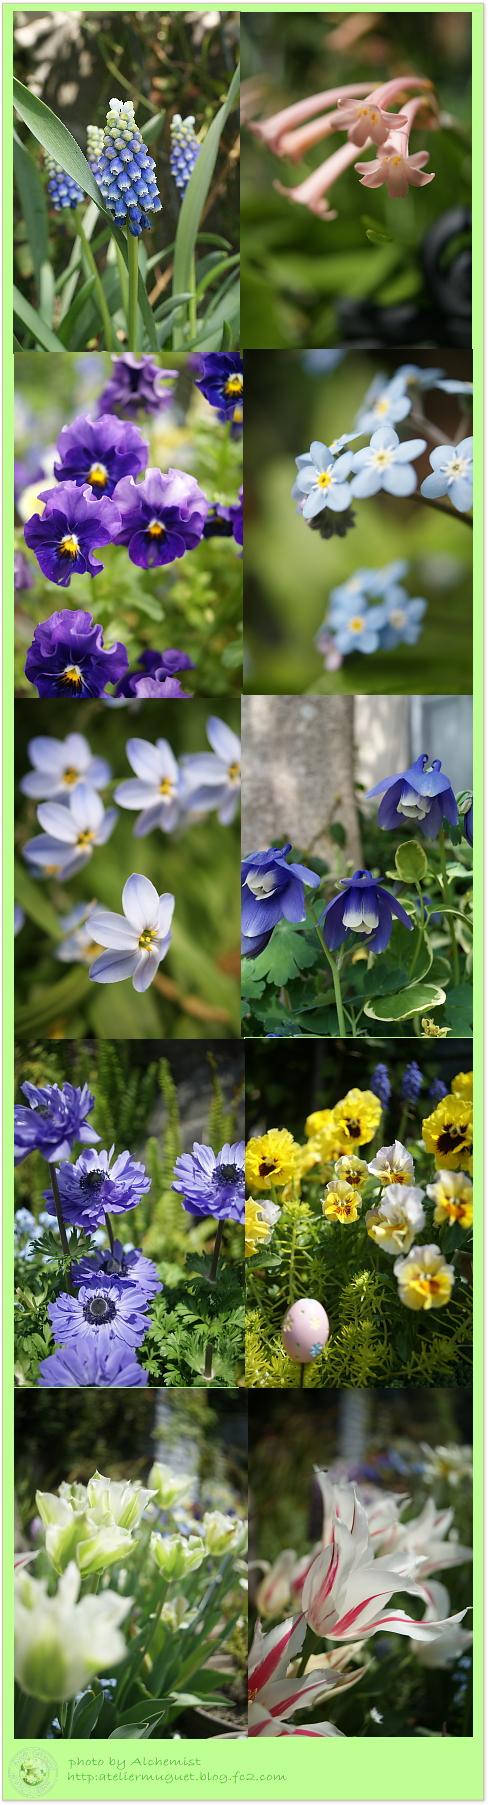 4g-spring1.jpg